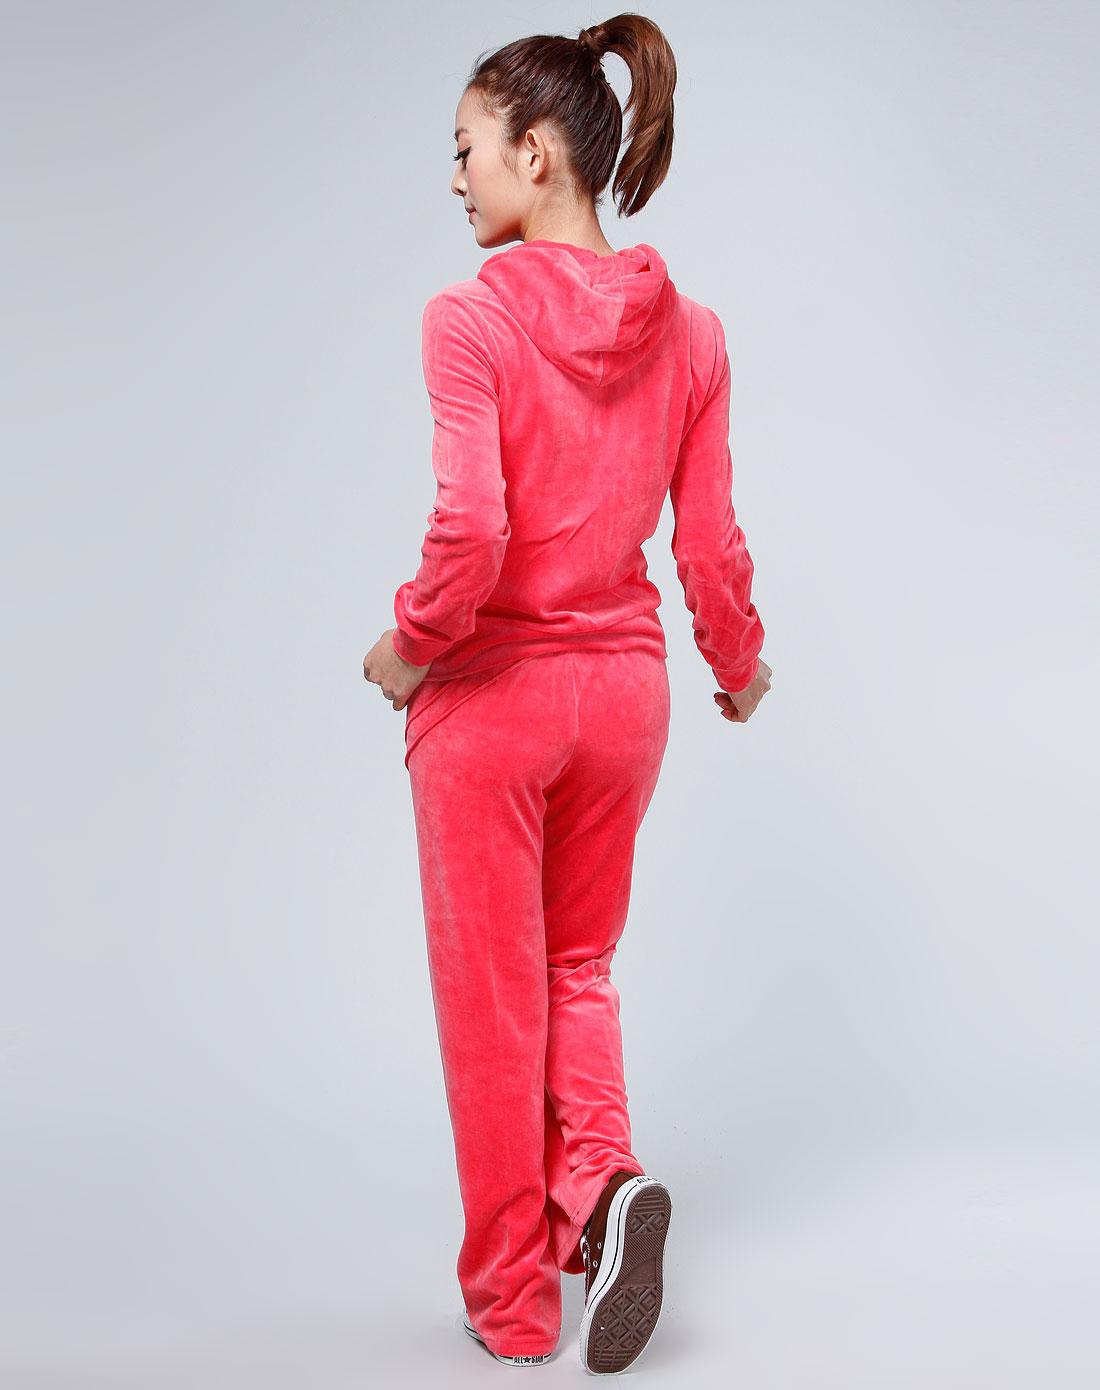 女款西瓜红色连帽长袖休闲运动套装